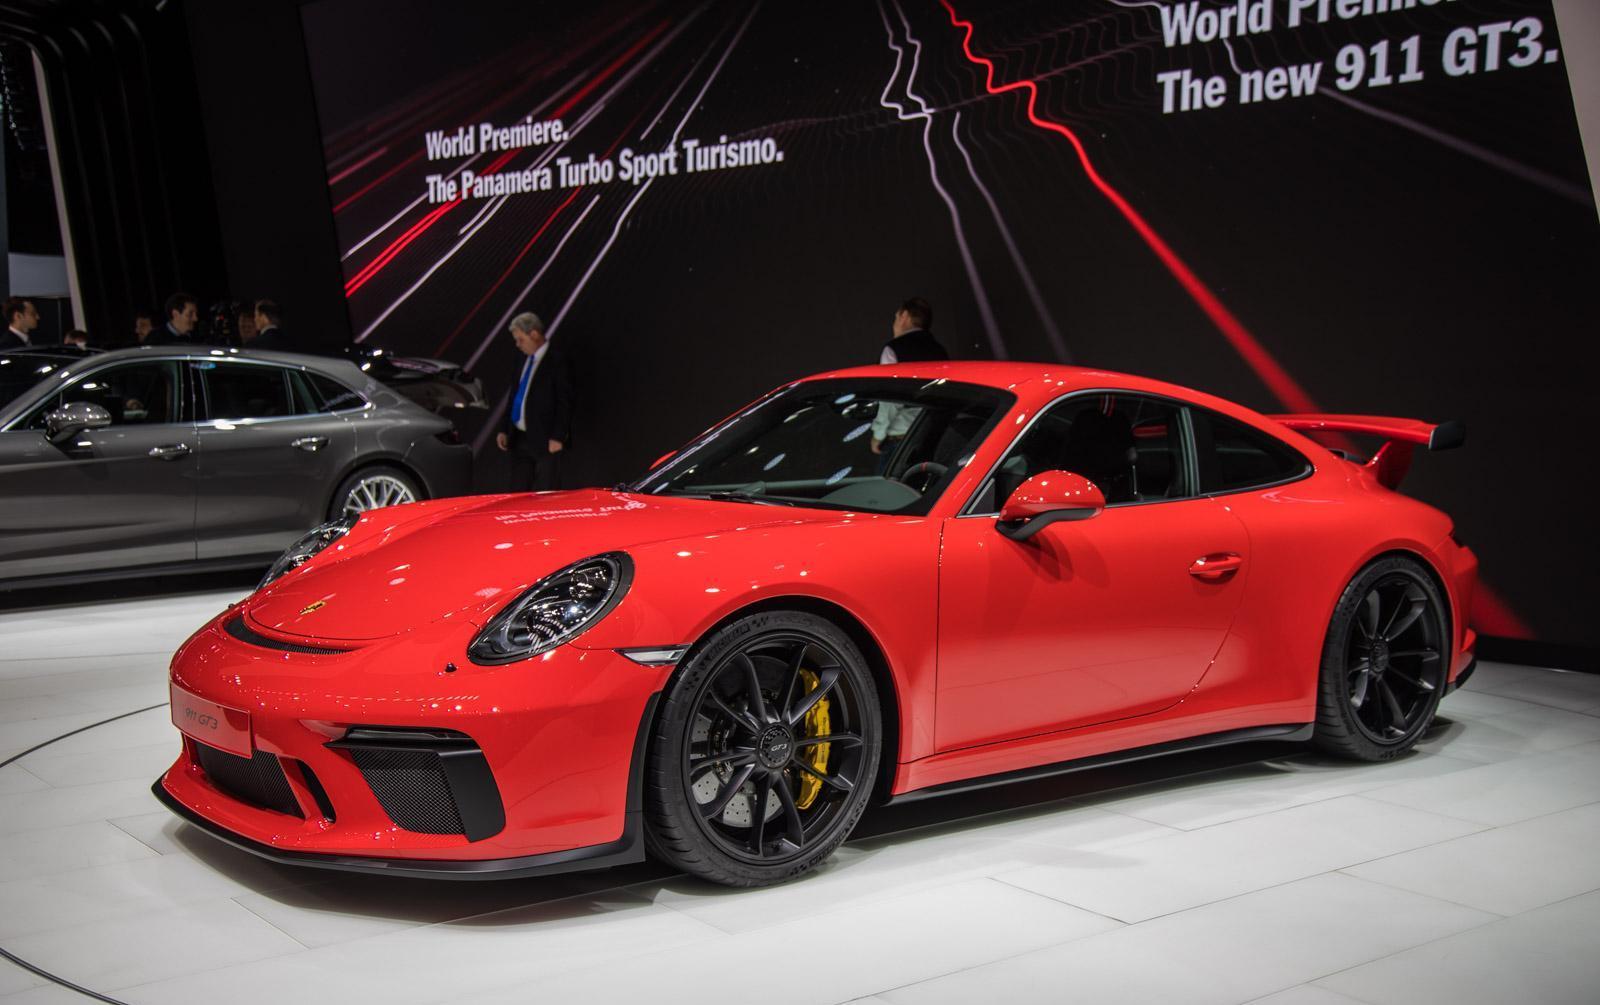 Porsche-911-gt3-facelift-004